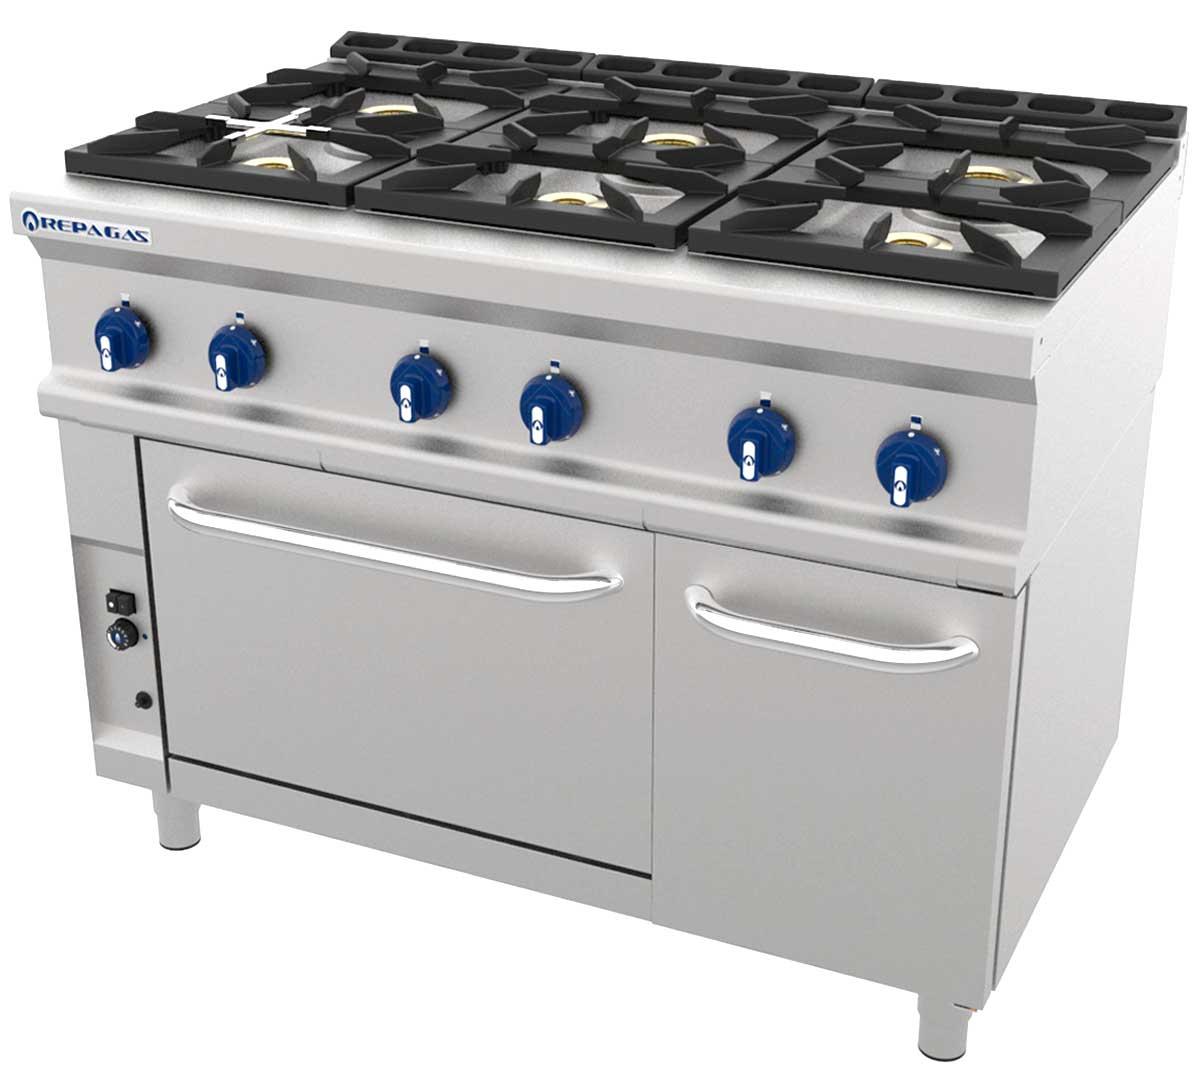 Cocina serie 750 cg con horno de repagas for Horno con fogones